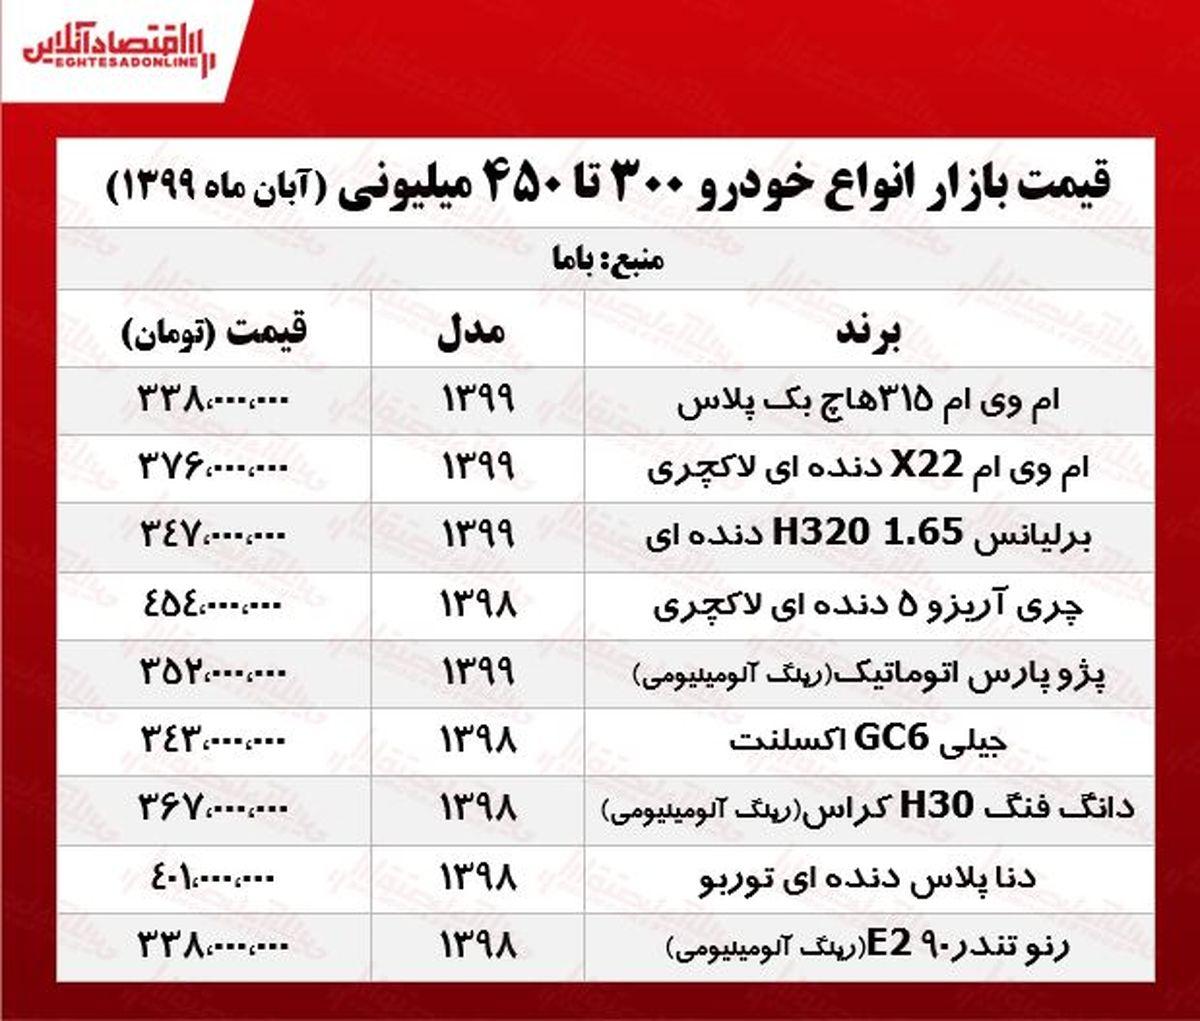 قیمت خودروهای ۳۰۰ تا ۴۵۰ میلیونی بازار پایتخت +جدول